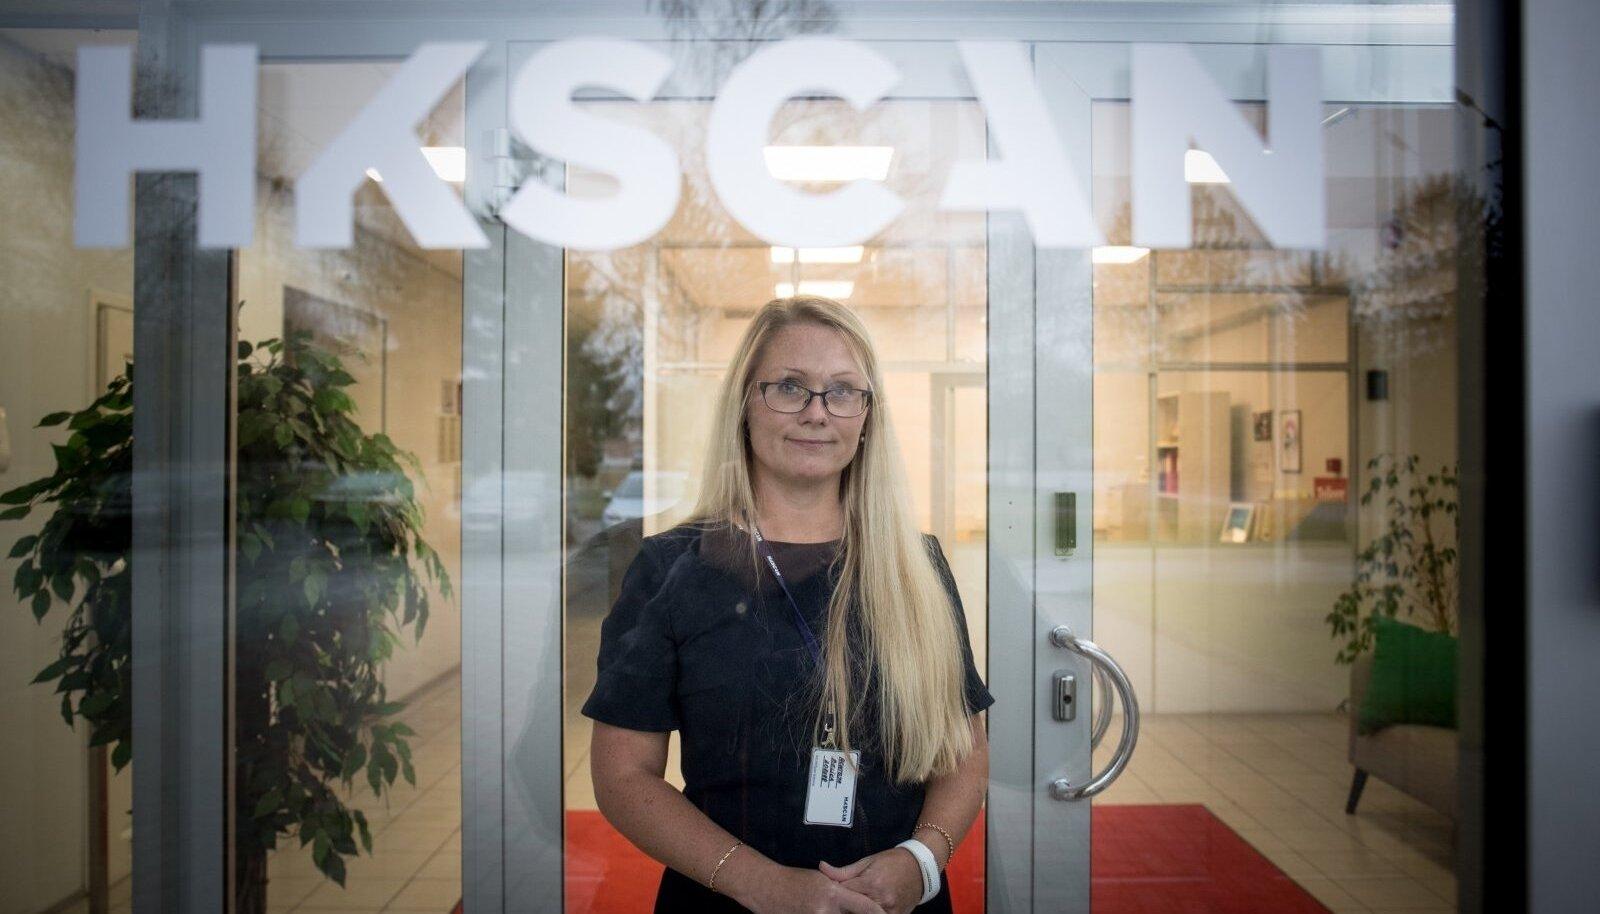 Ehkki töötajad on rangematesse nõuetesse seni mõistvalt suhtunud, on näha, et võetakse lühemaid puhkusi. See viitab, et inimesed hakkavad kriisist väsima, tõdeb HKScan Estonia personalidirektor Relika Rohtoja.